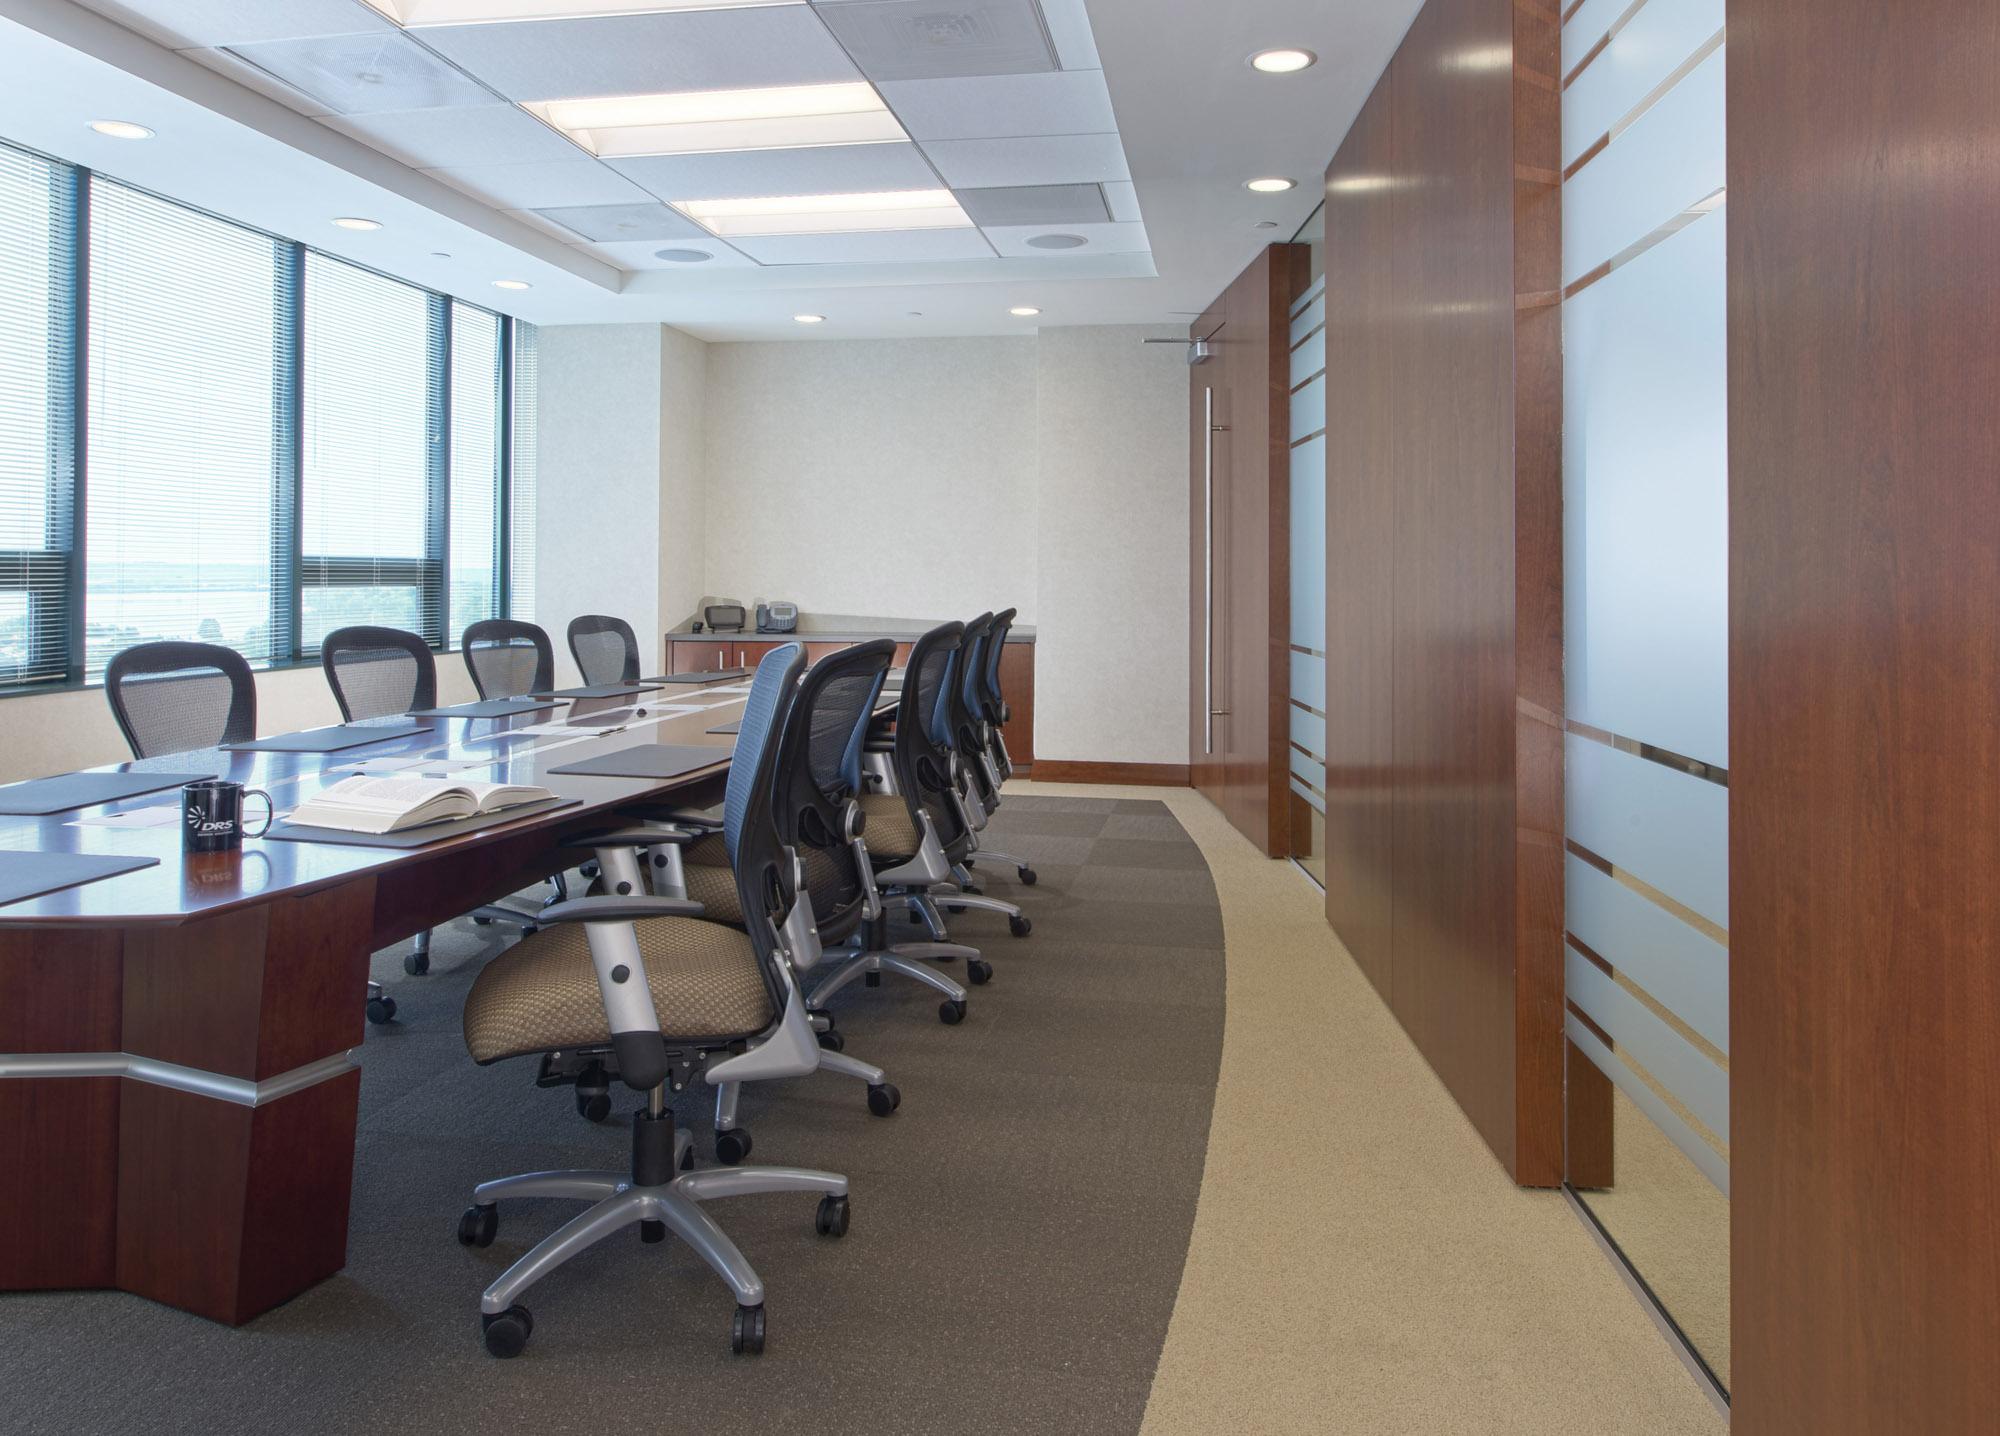 DRS VA Office Interior Image R121337.jpg